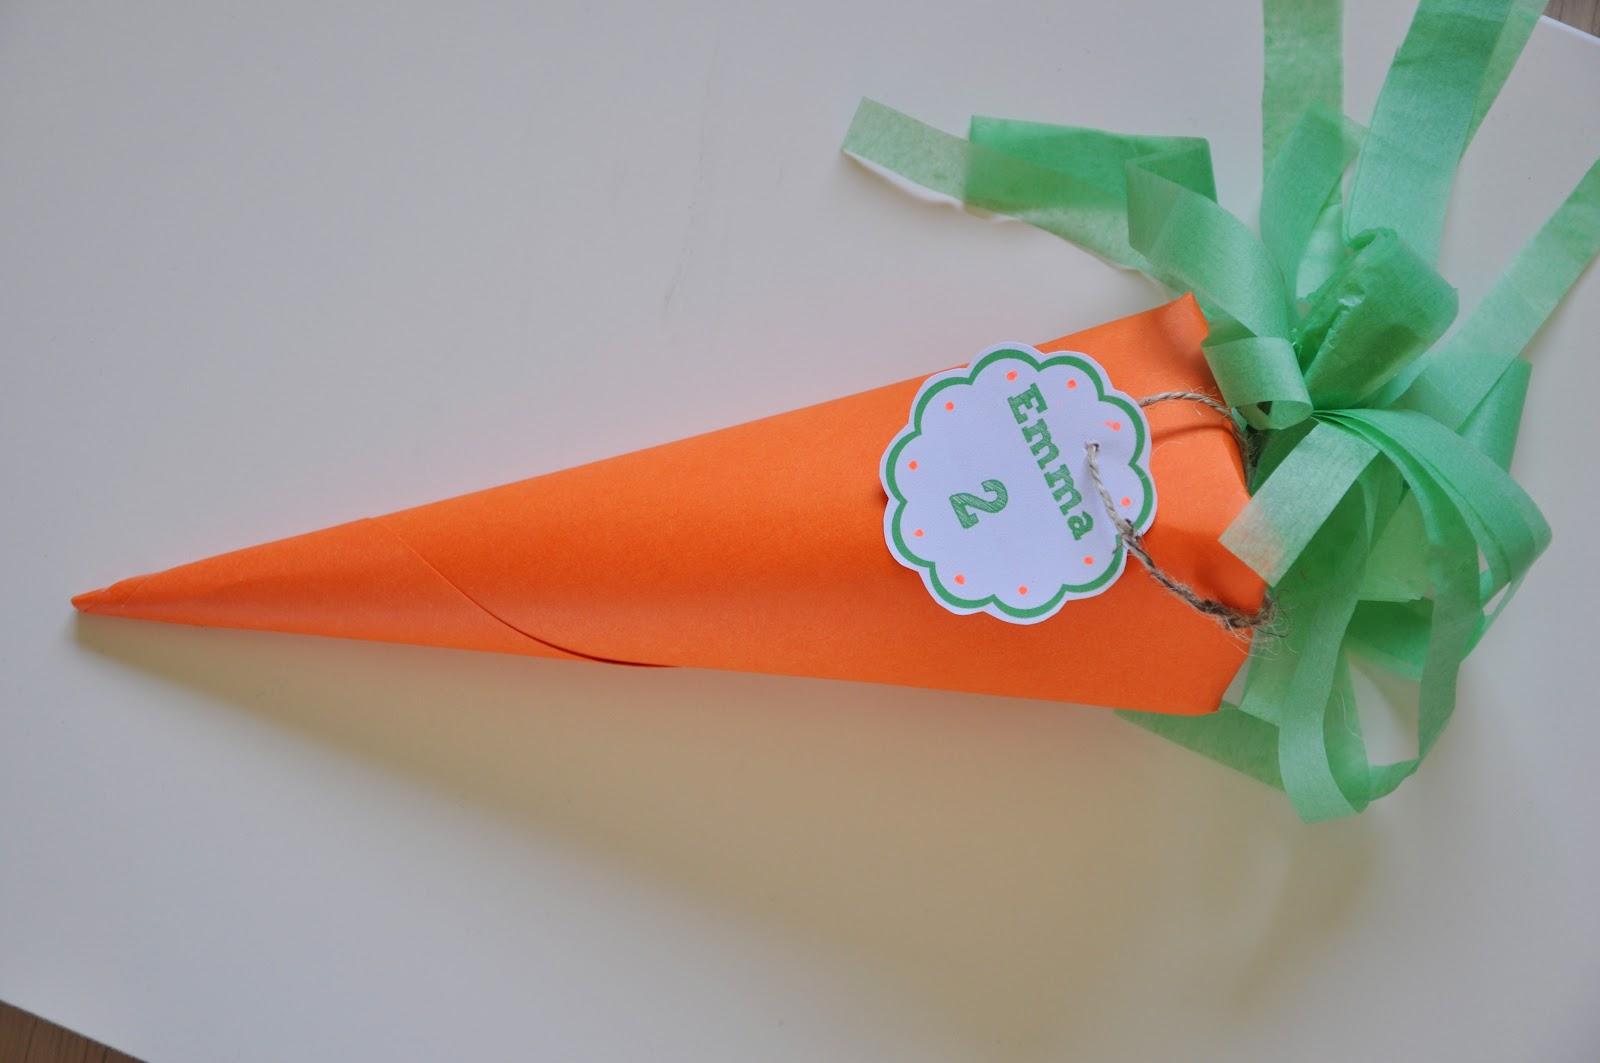 Manualidades de papel dulce zanahoria de papel youtube - Youtube manualidades de papel ...